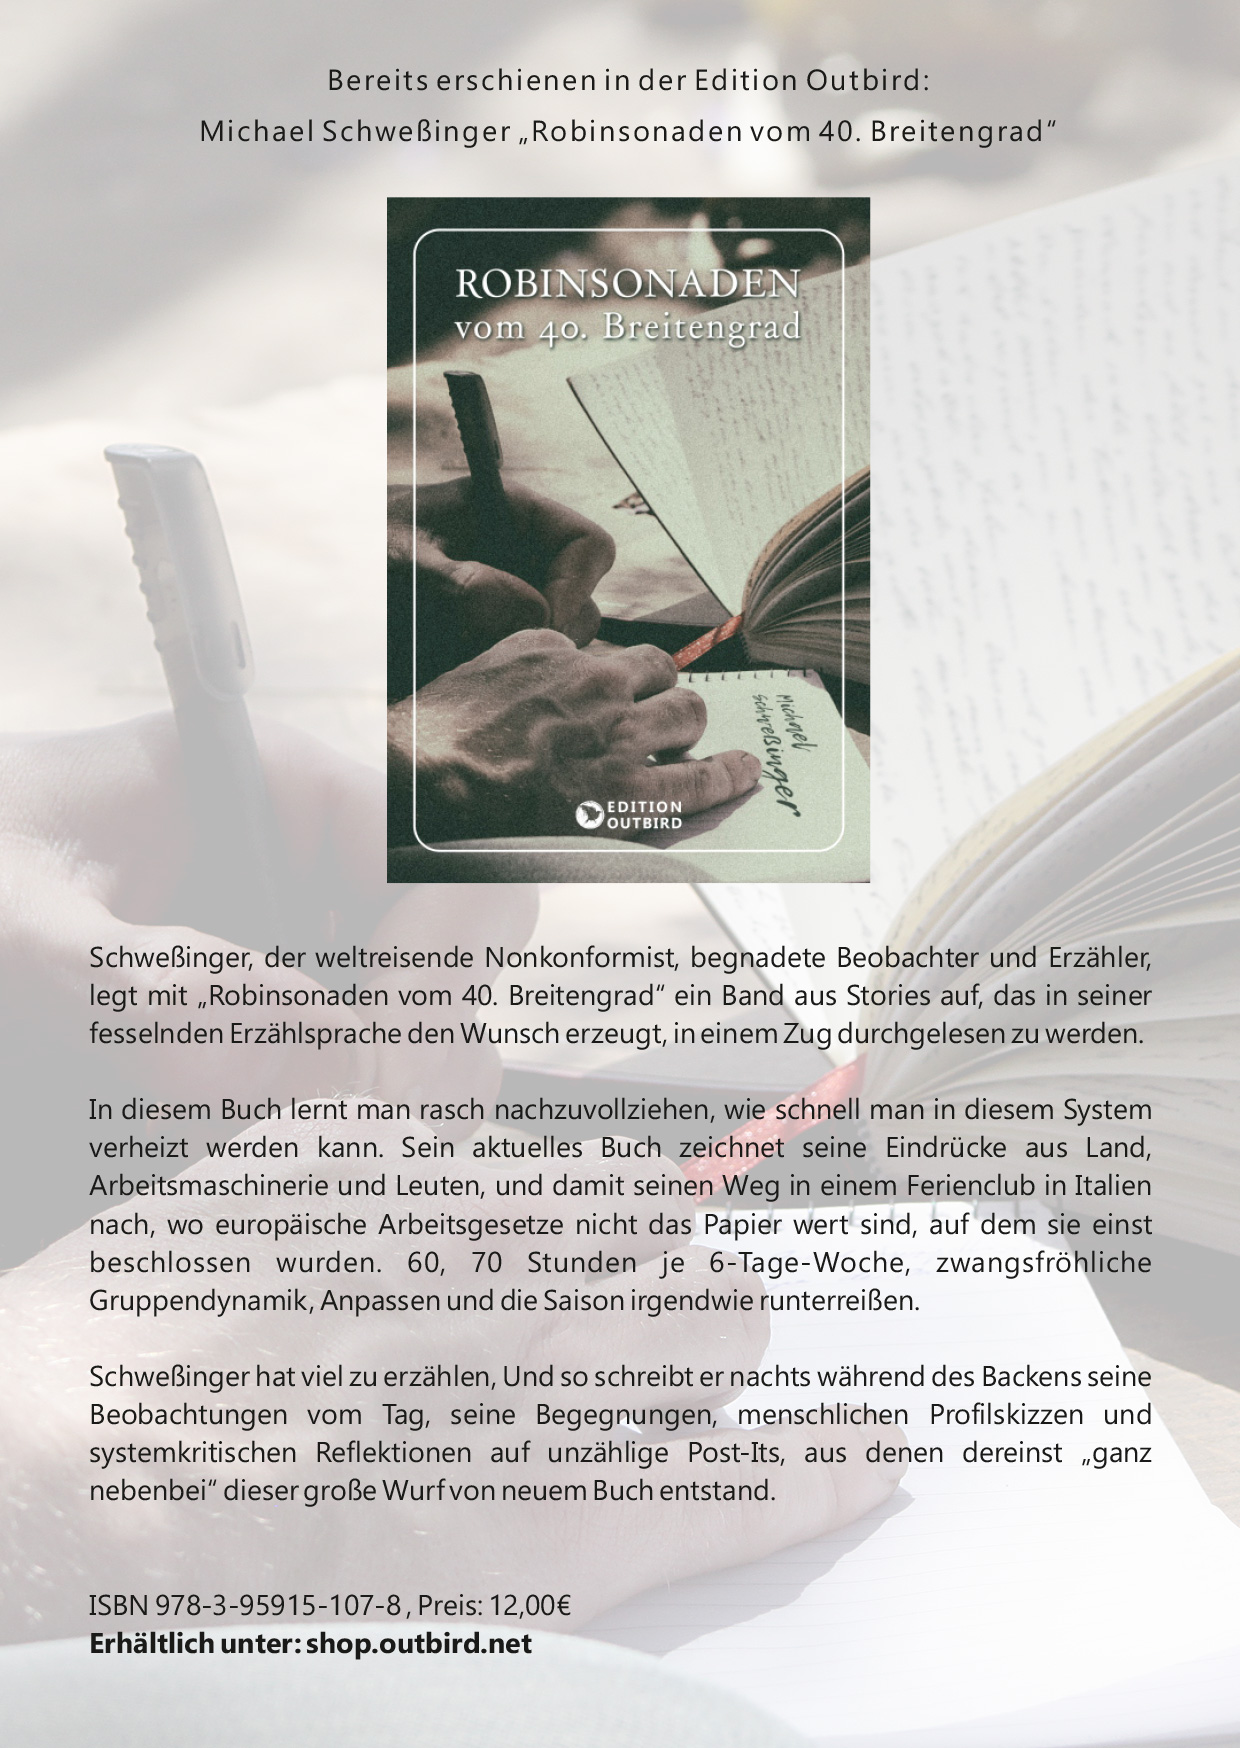 Michael Schweßinger - Robinsonaden vom 40. Breitengrad